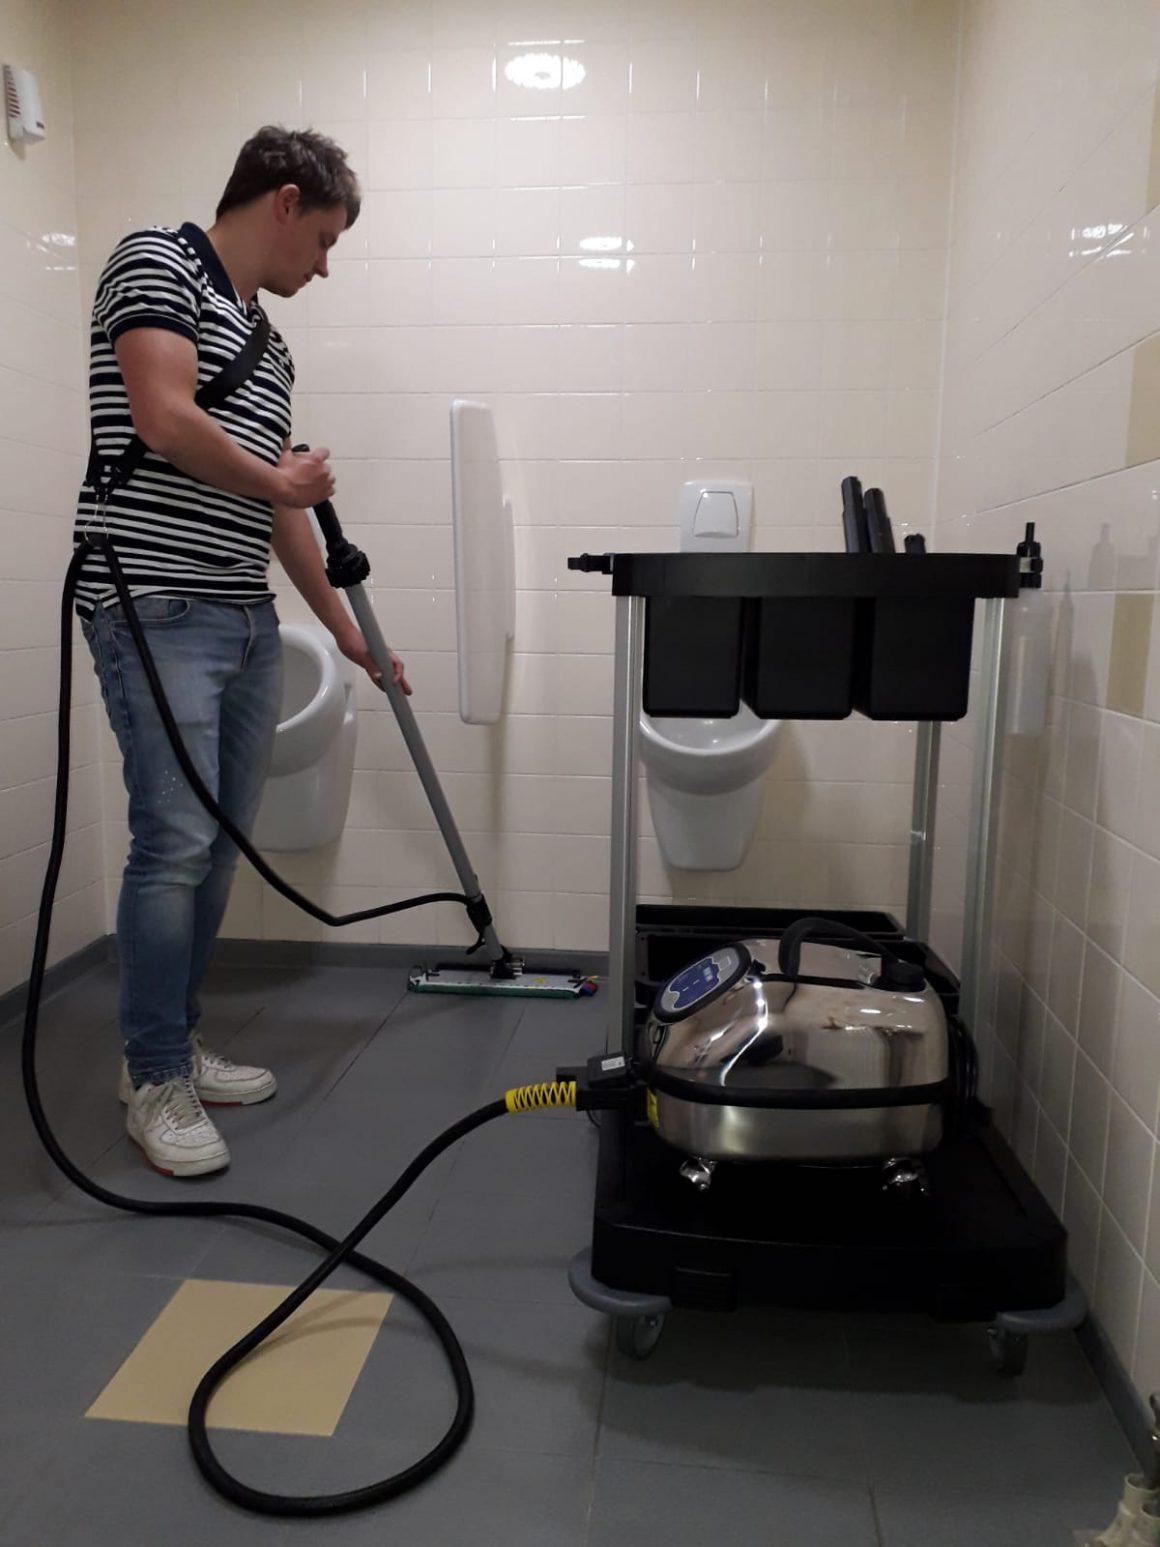 Aan het werk - reinigen met stoom